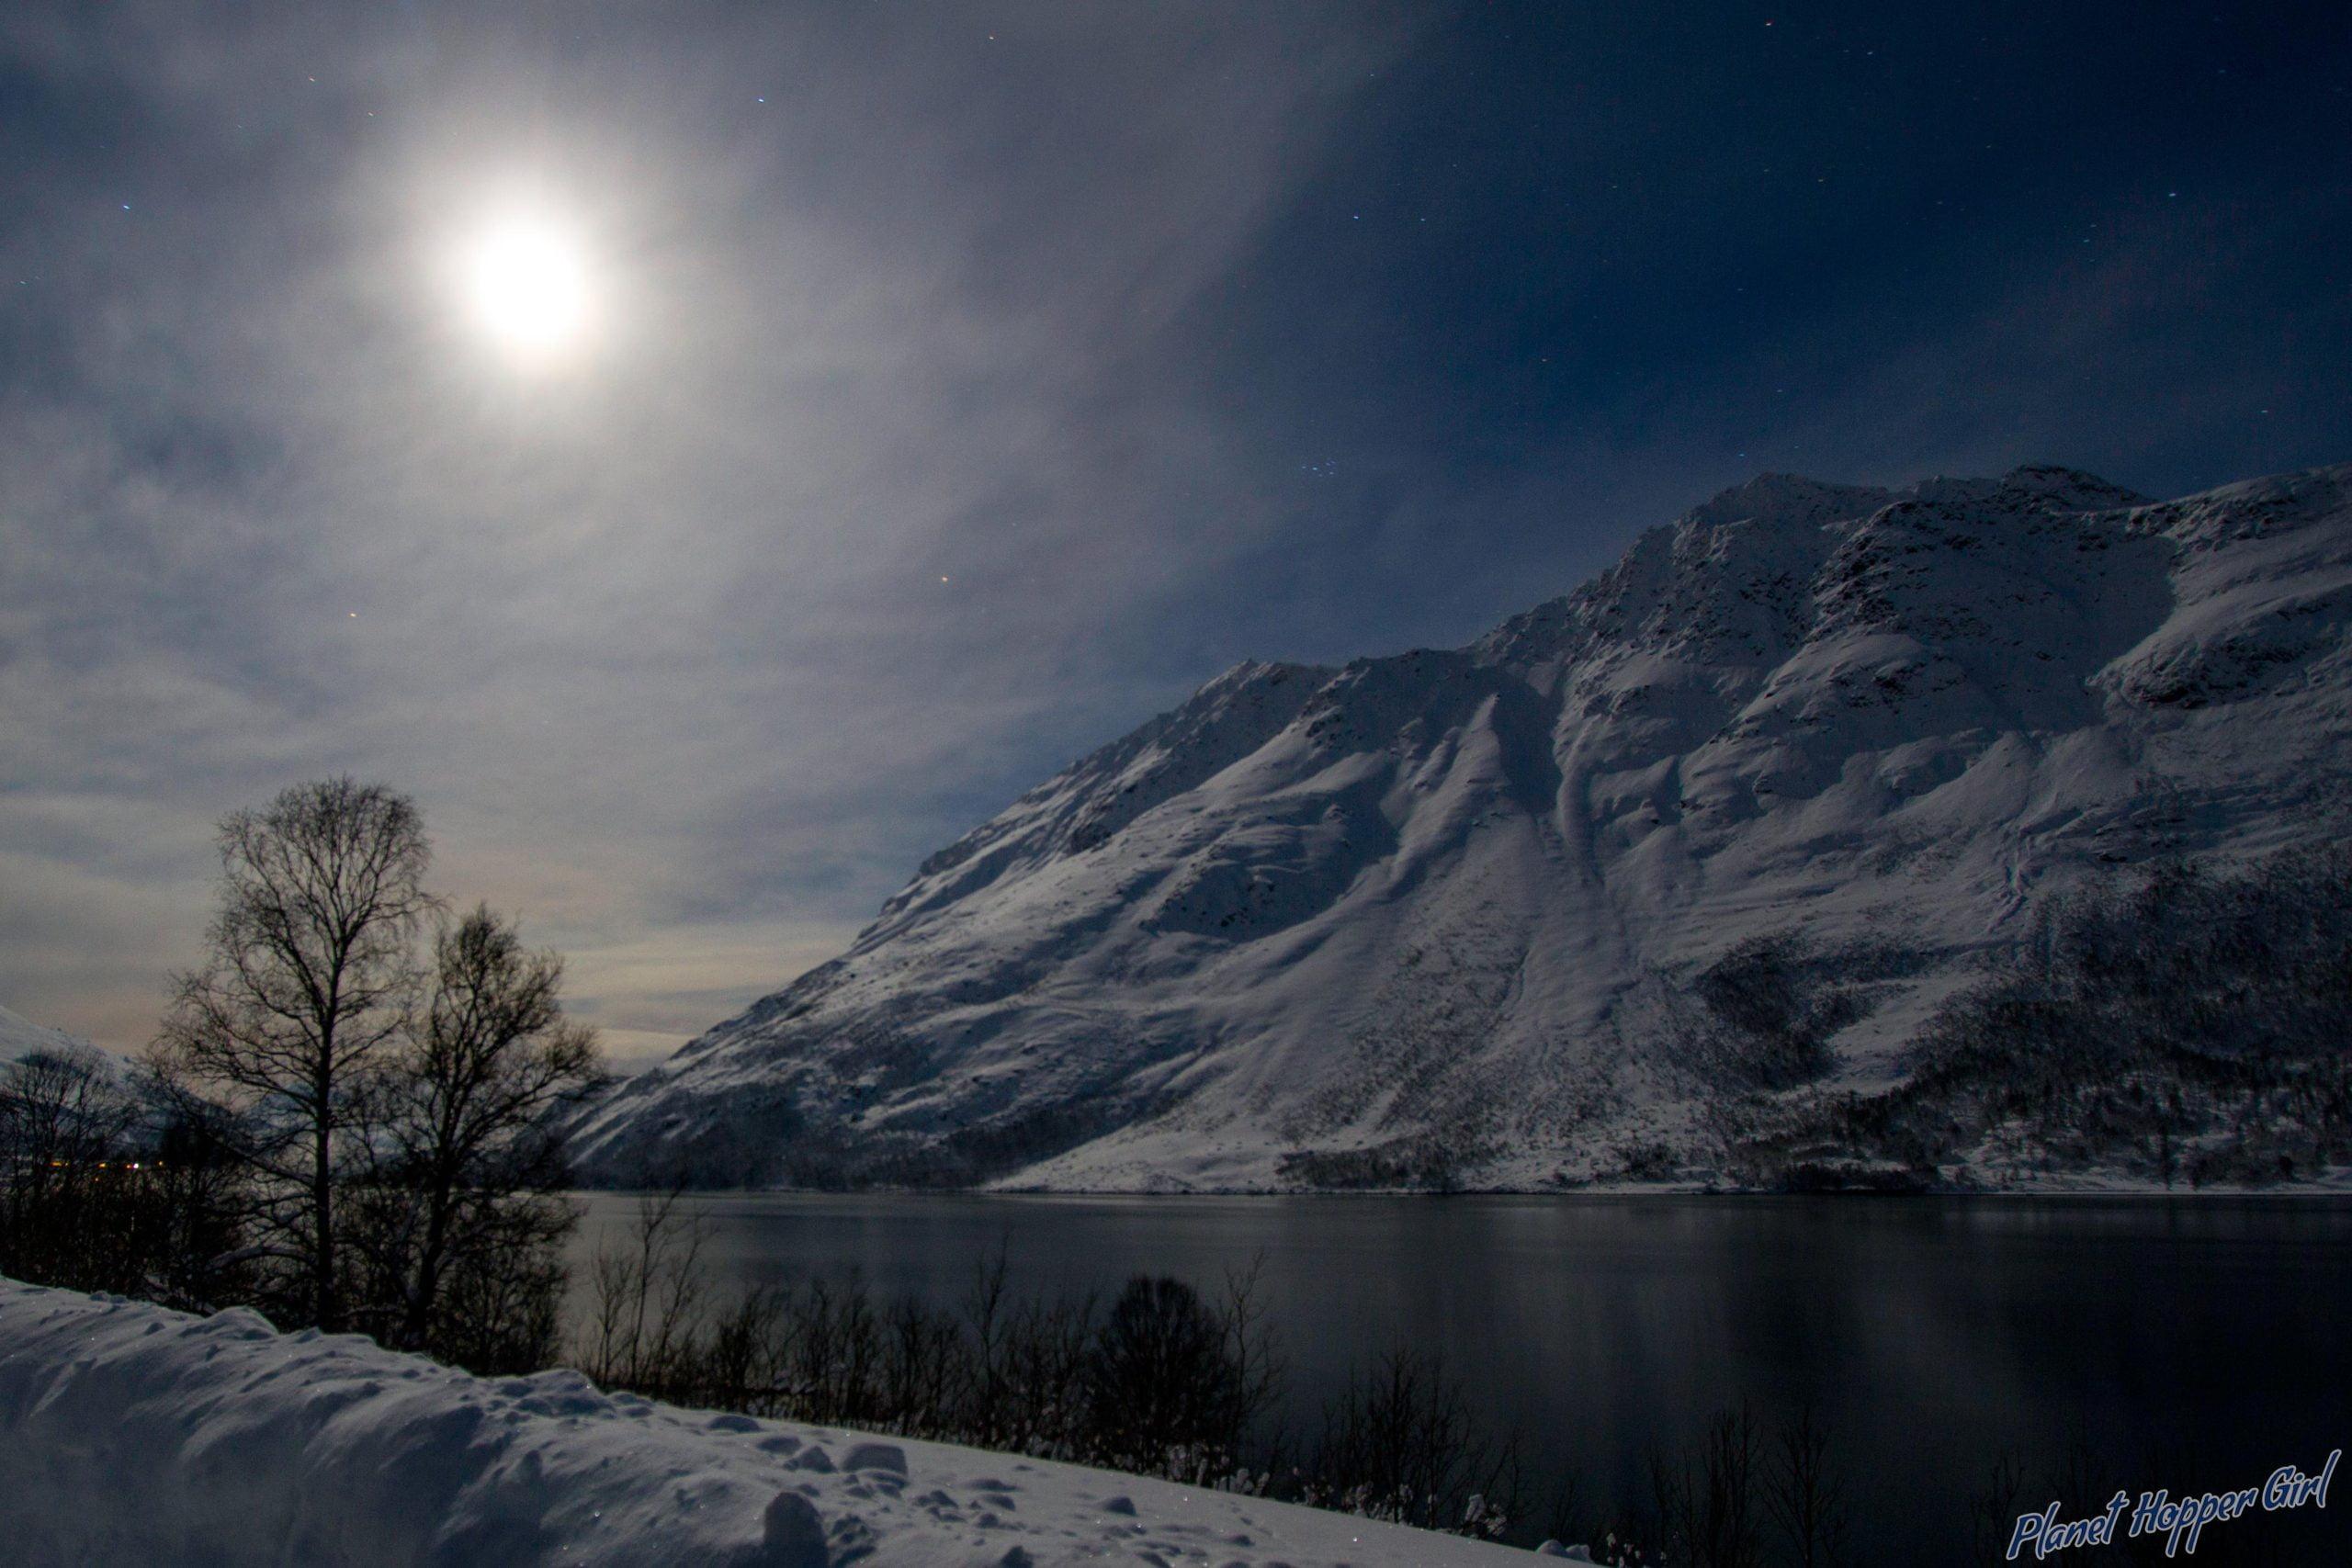 Aurora Chasing in Kvaloya, Norway